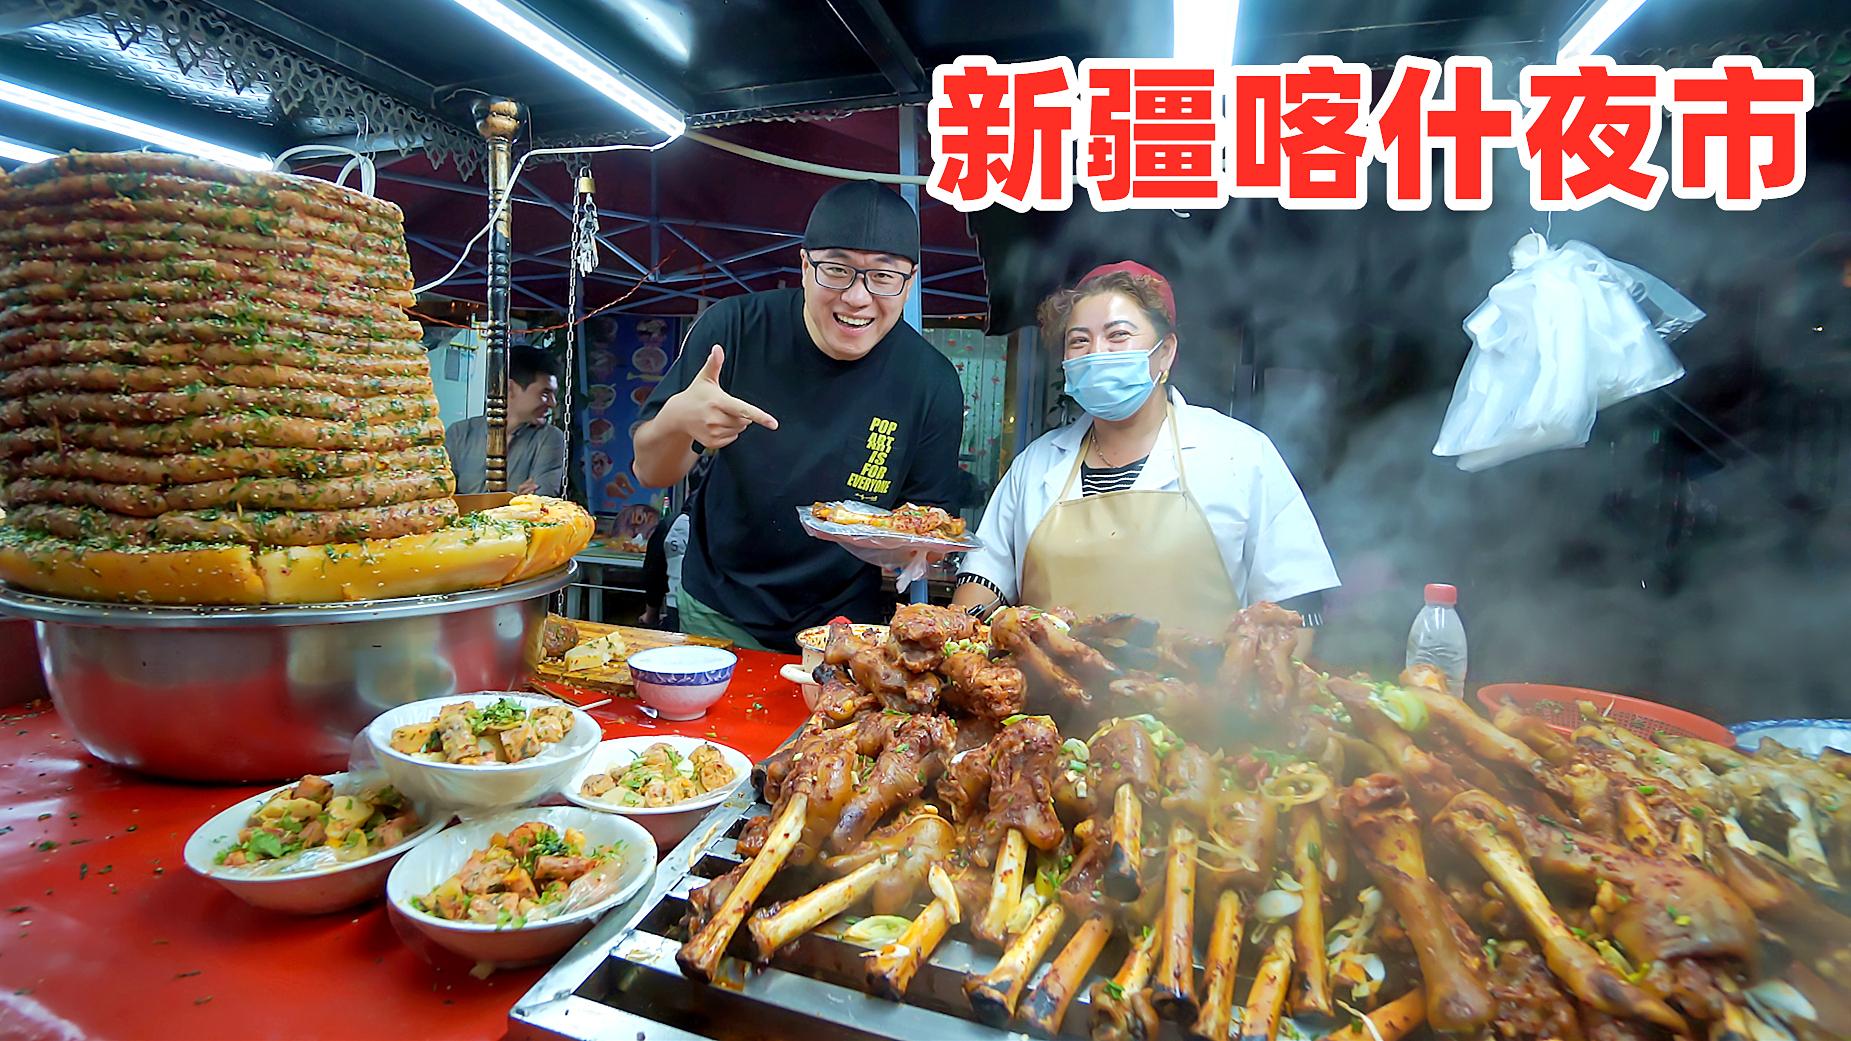 吃肉来这就对了,一条街吃遍新疆美食,喀什夜市,阿星吃7种小吃